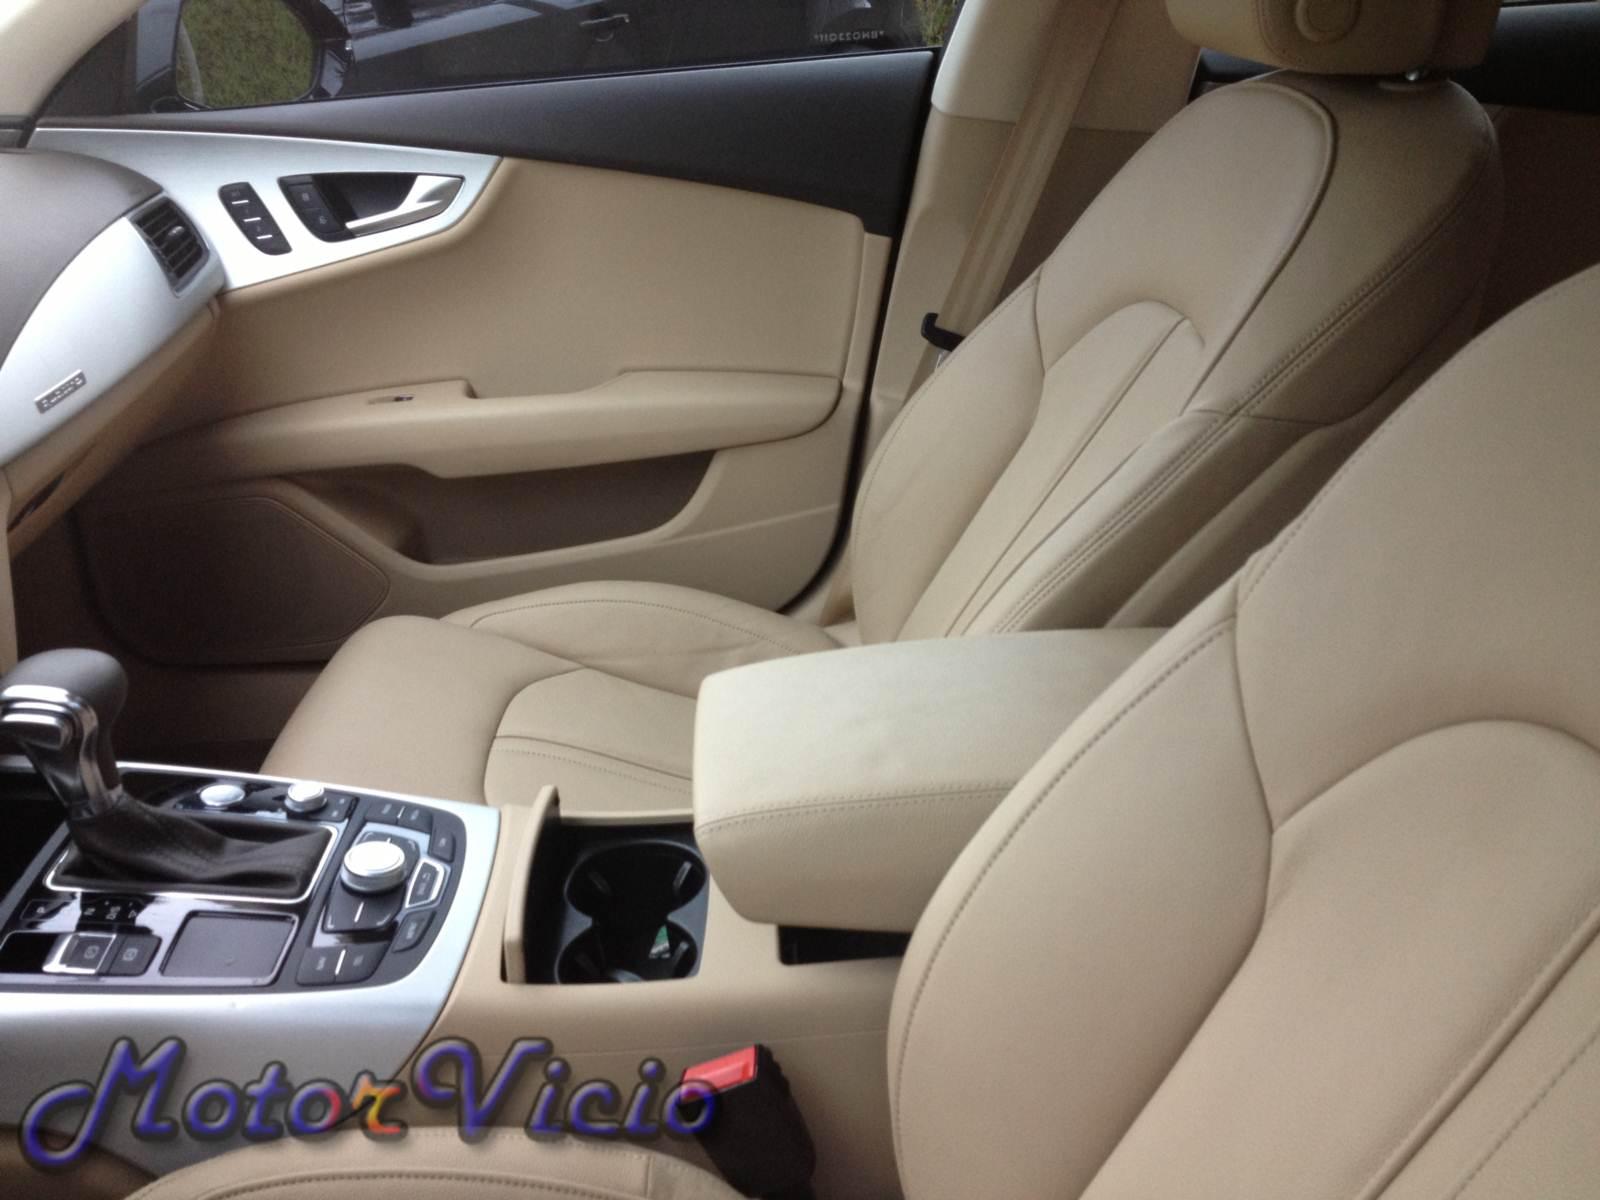 Audi A7 2013 Preto com interior bege | Motor Vício